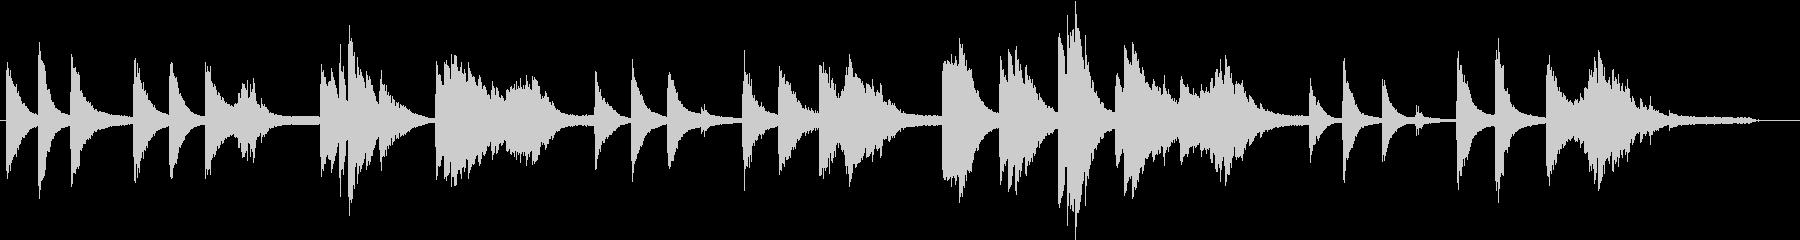 浮遊感、不思議なイメージのピアノソロの未再生の波形